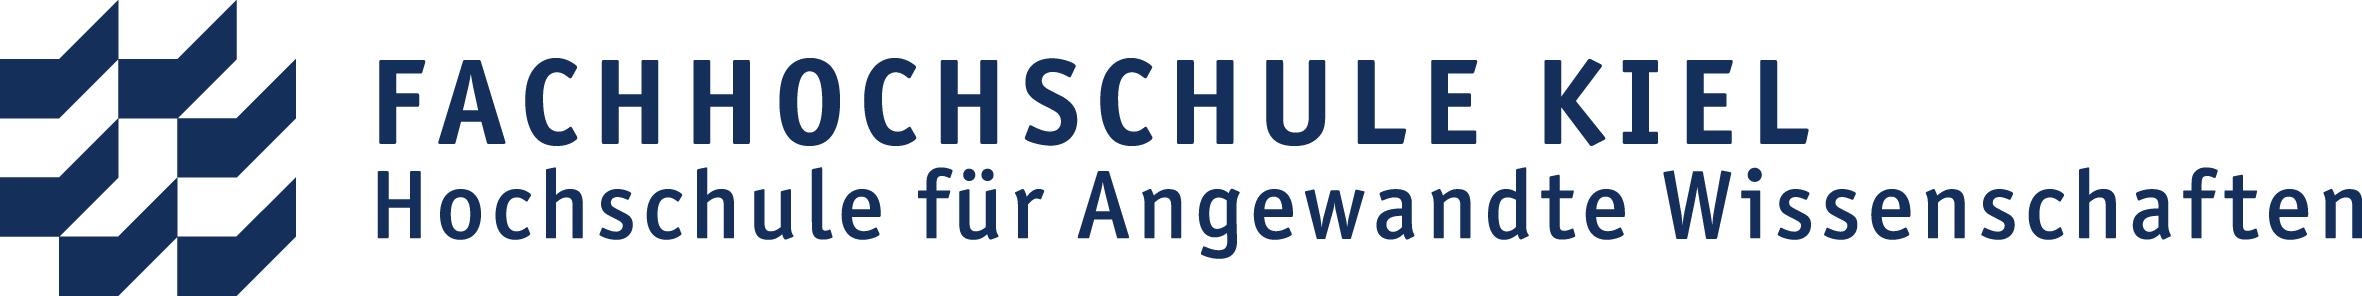 Logo: Fachhochschule Kiel - Hochschule für Angewandte Wissenschaften